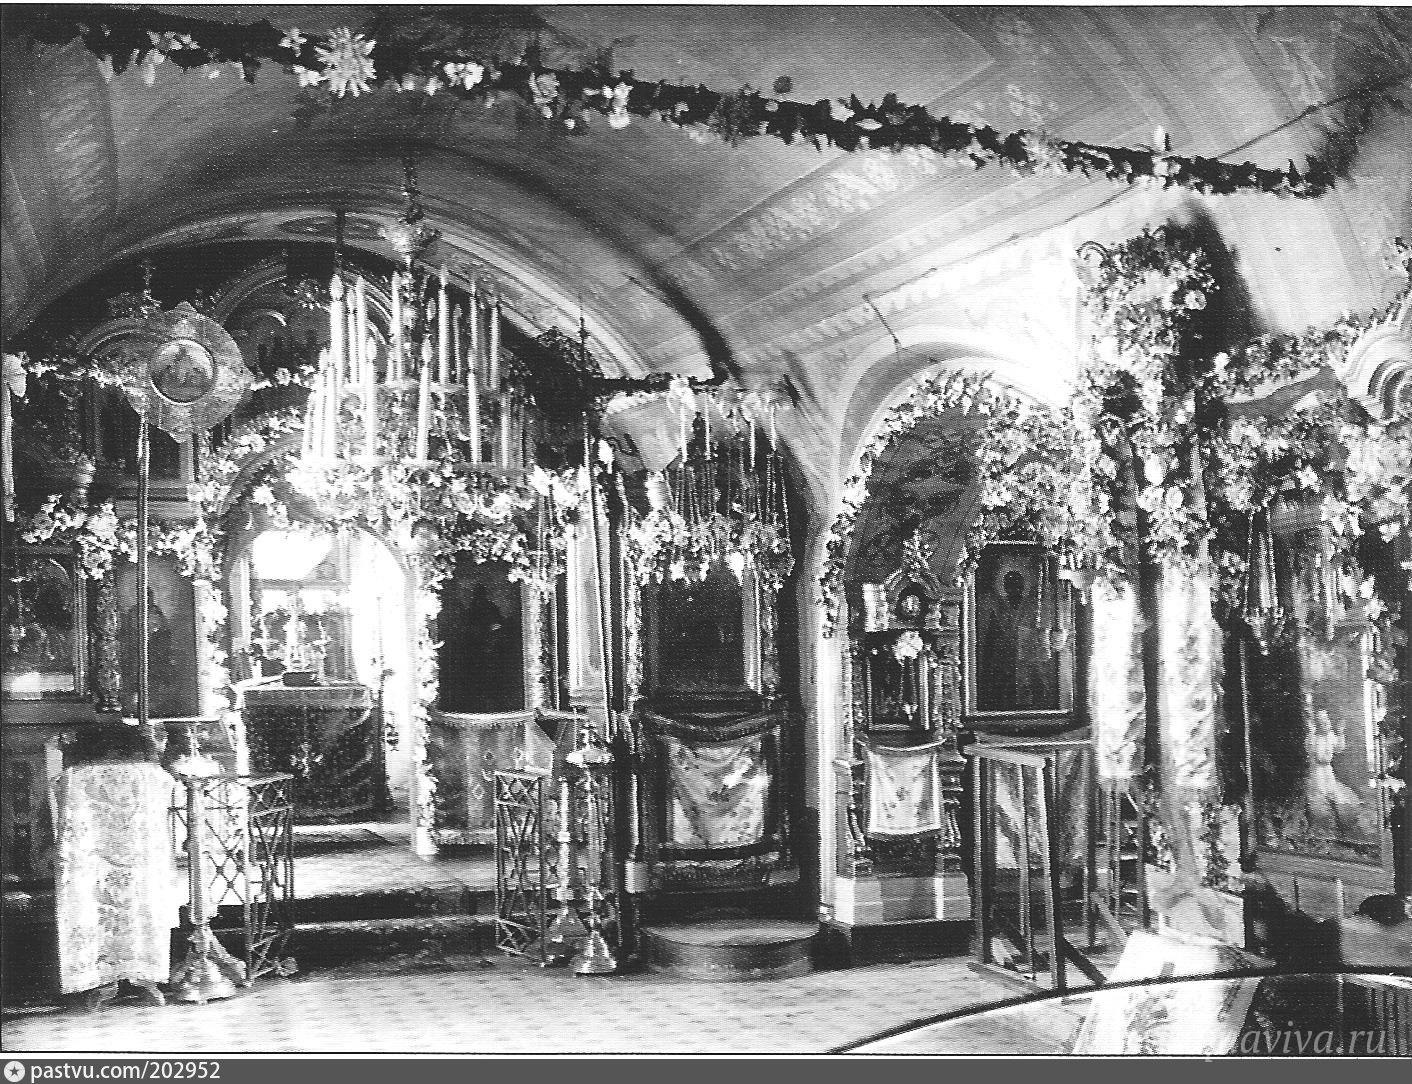 Никольский придел храма св. Николая в Клённиках. 1920 год